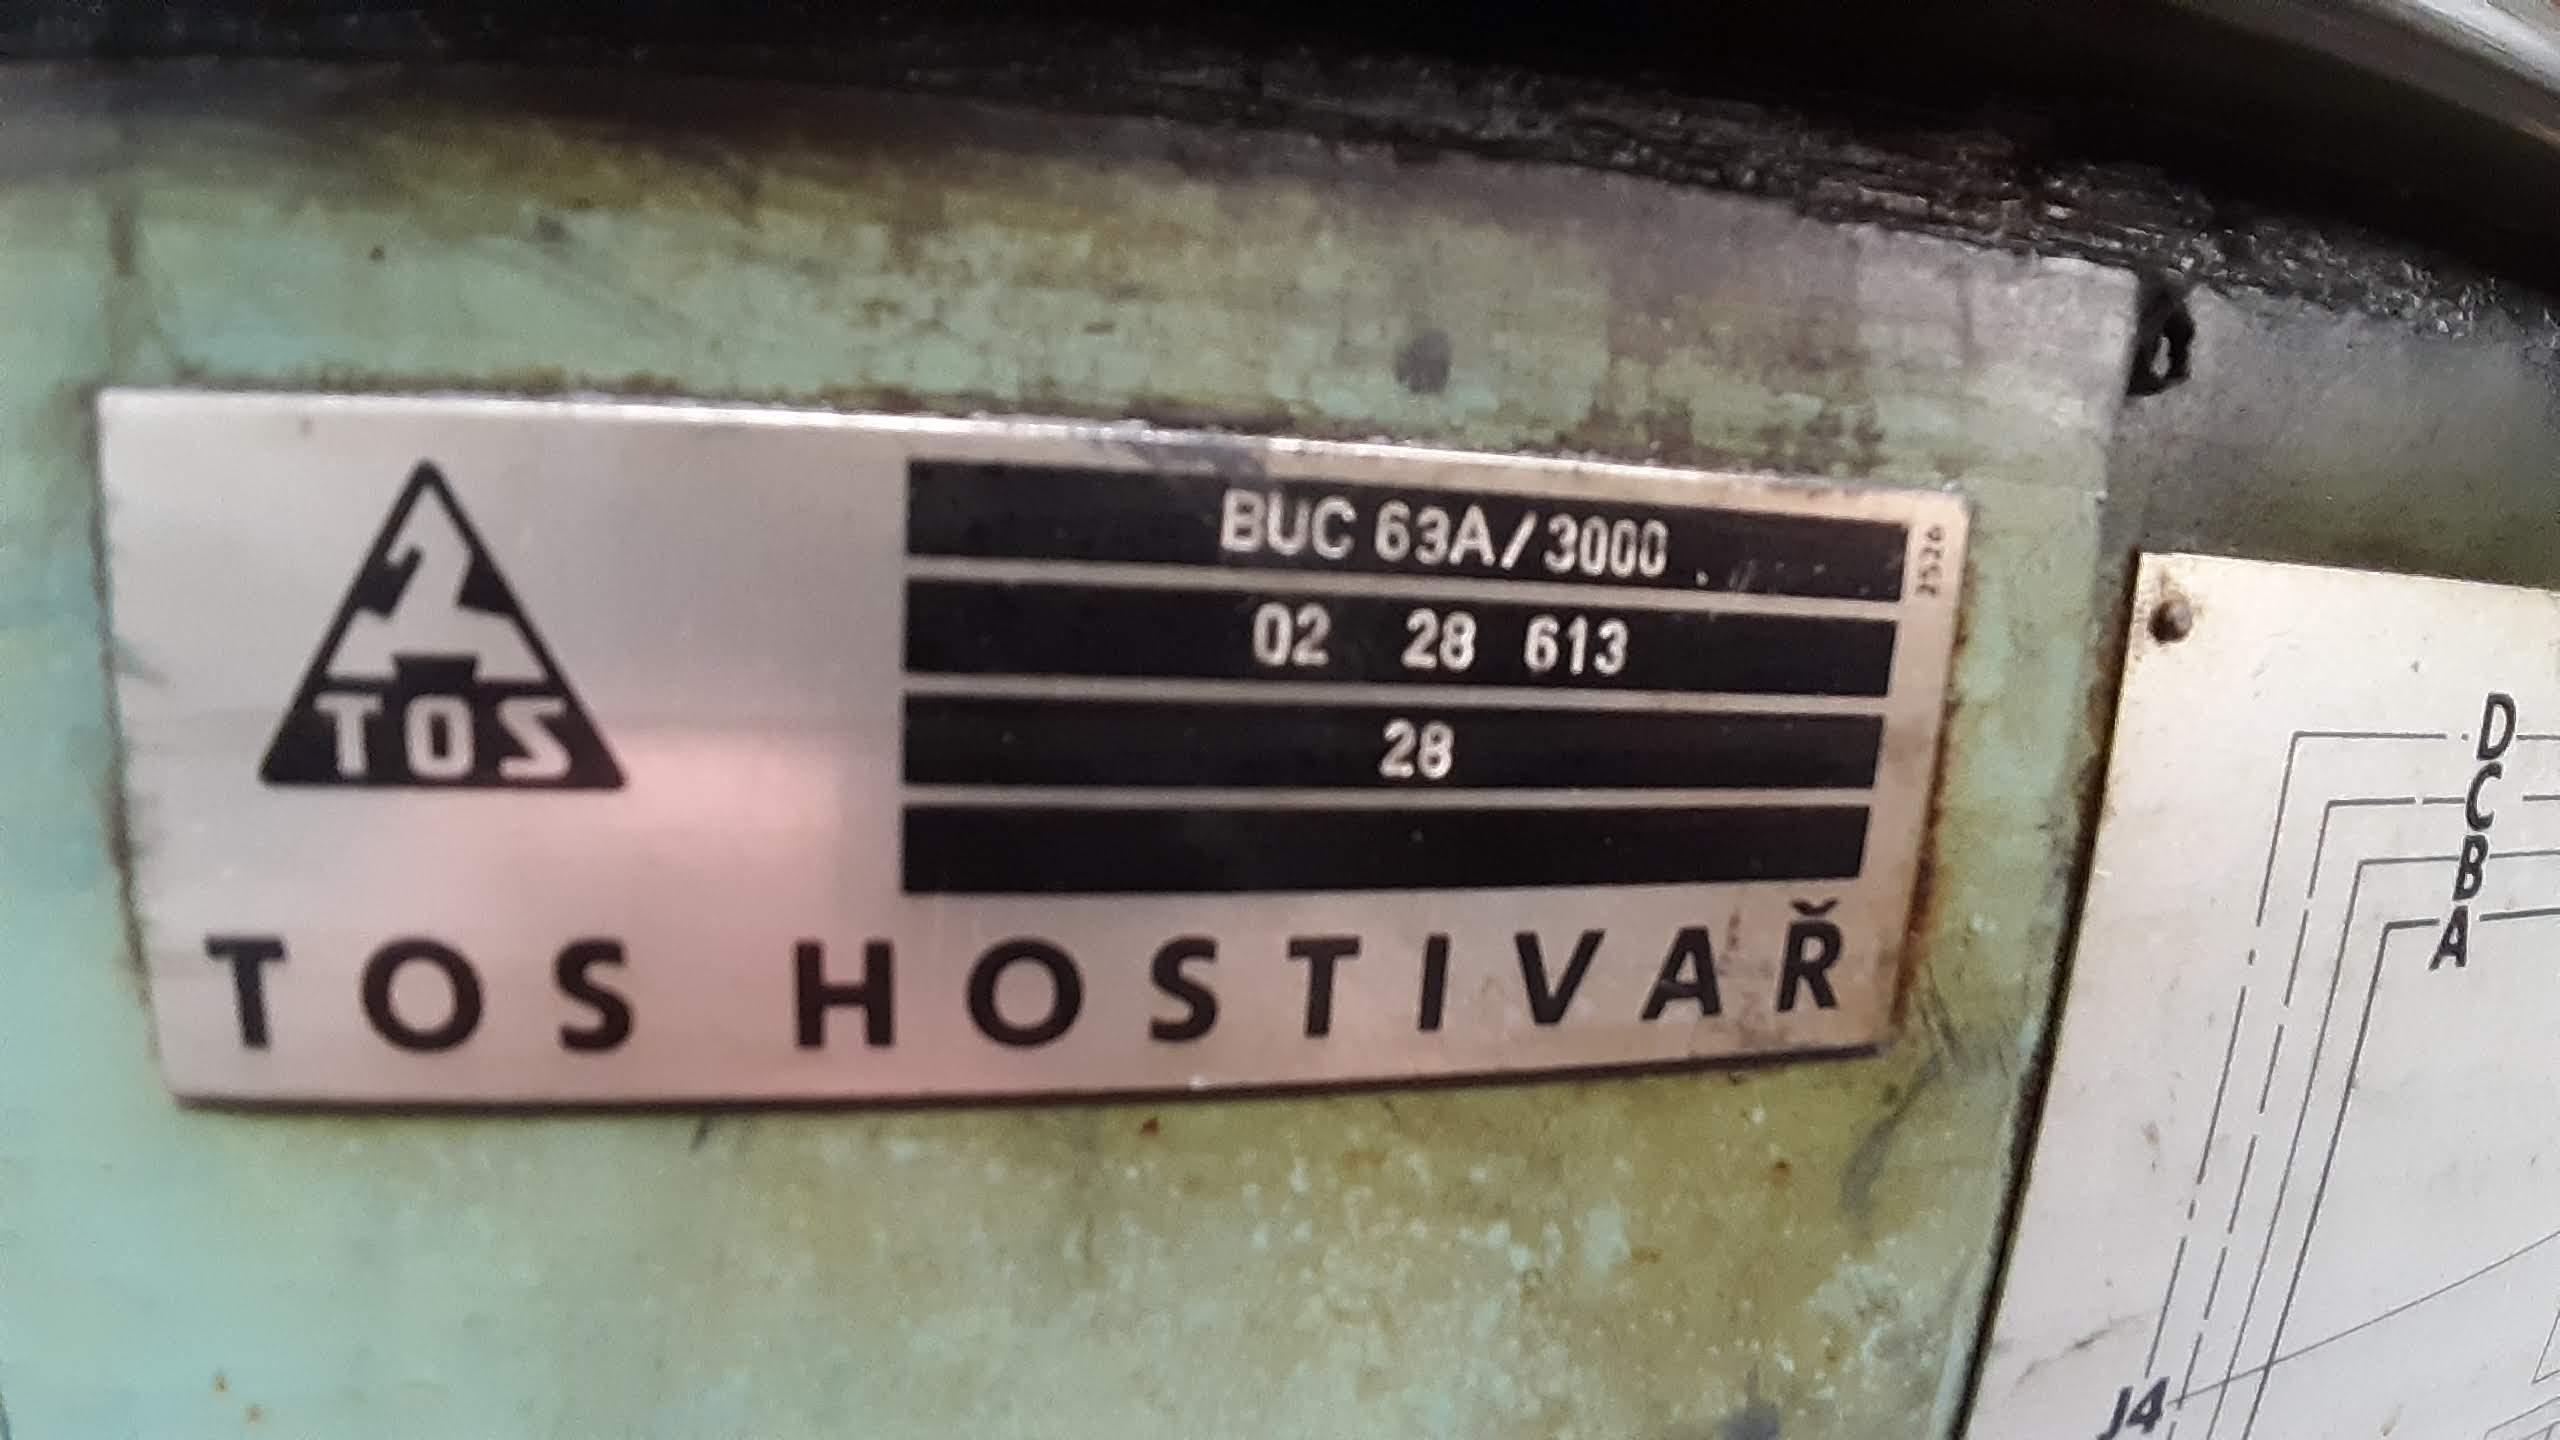 5564-buc63a-3000.10